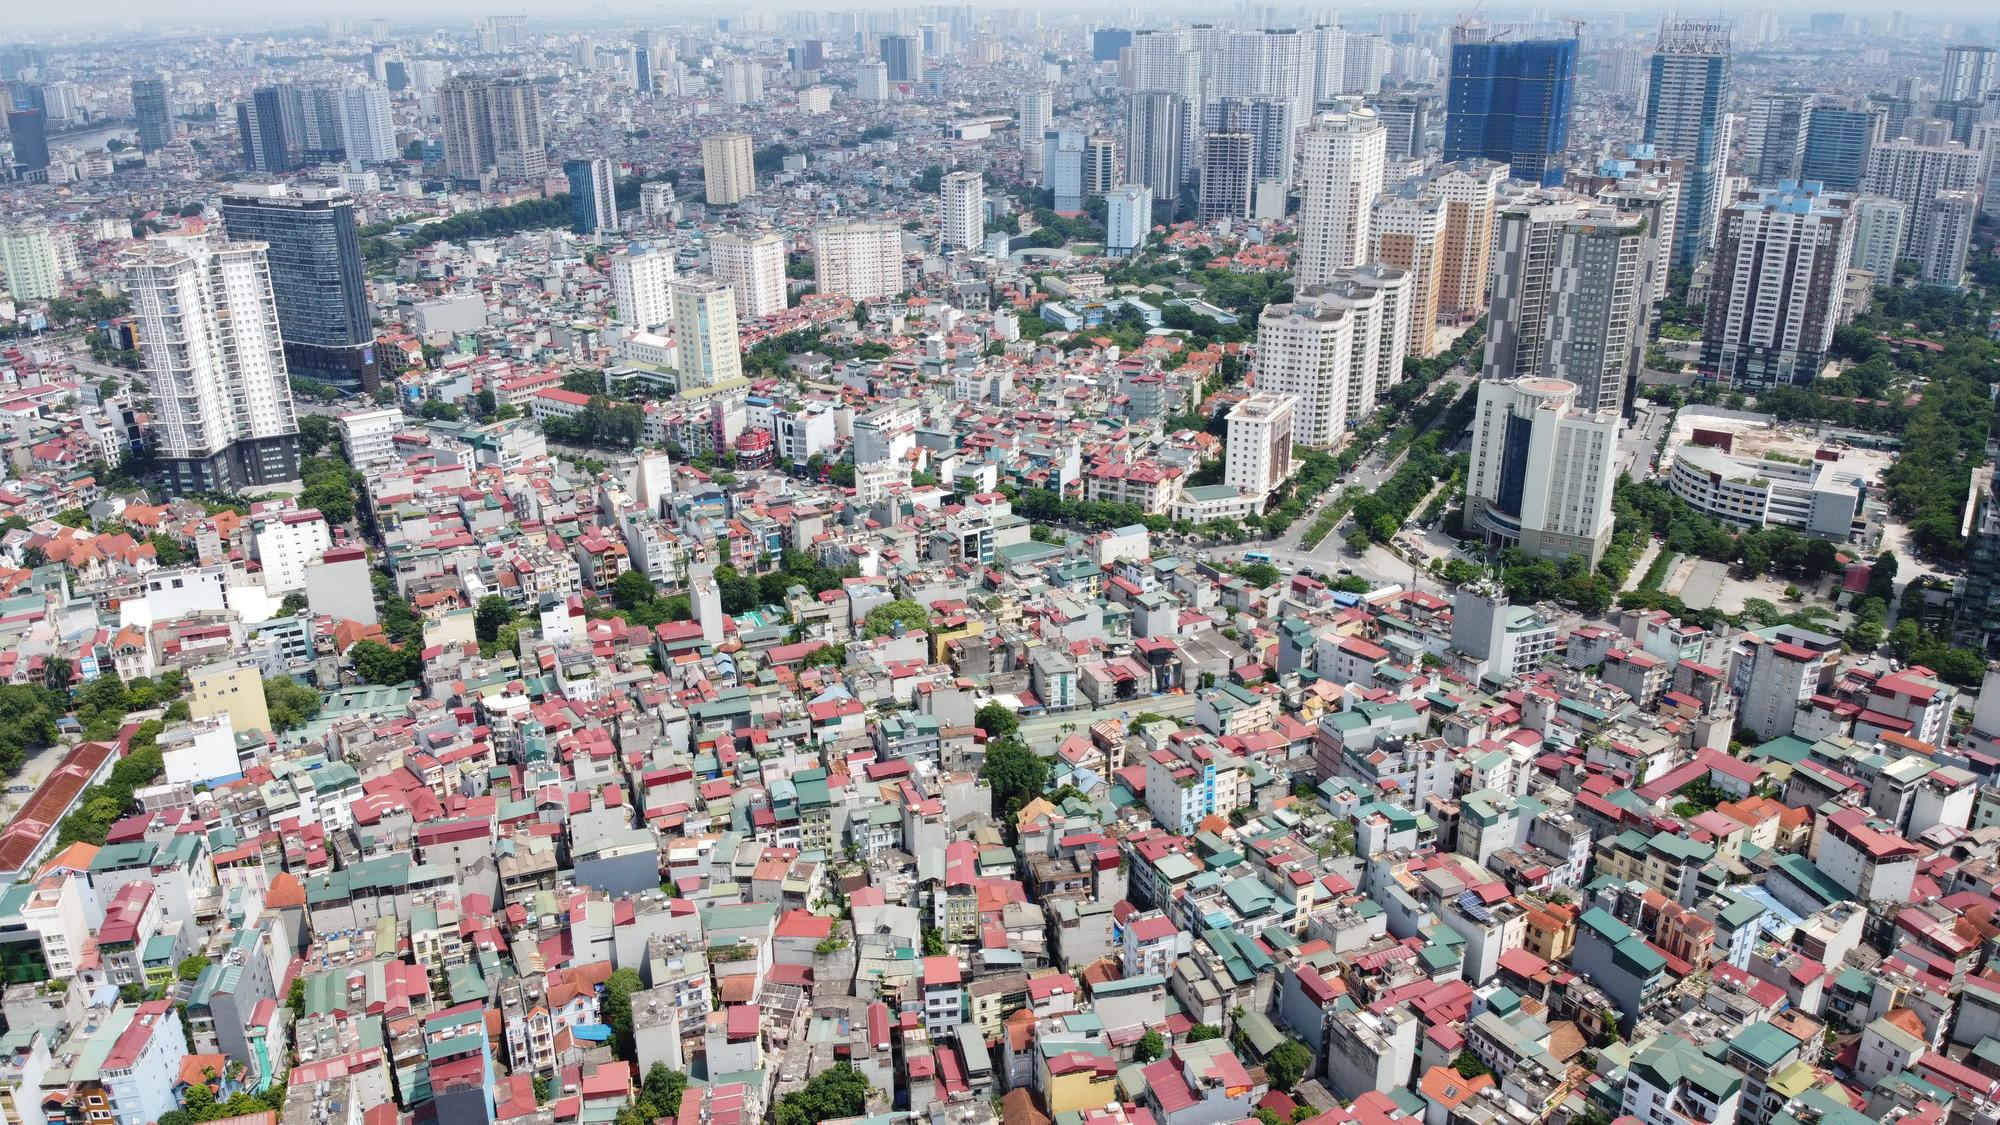 Những khu dính quy hoạch phường Trung Hòa, Cầu Giấy, Hà Nội (phần 1) - Ảnh 2.